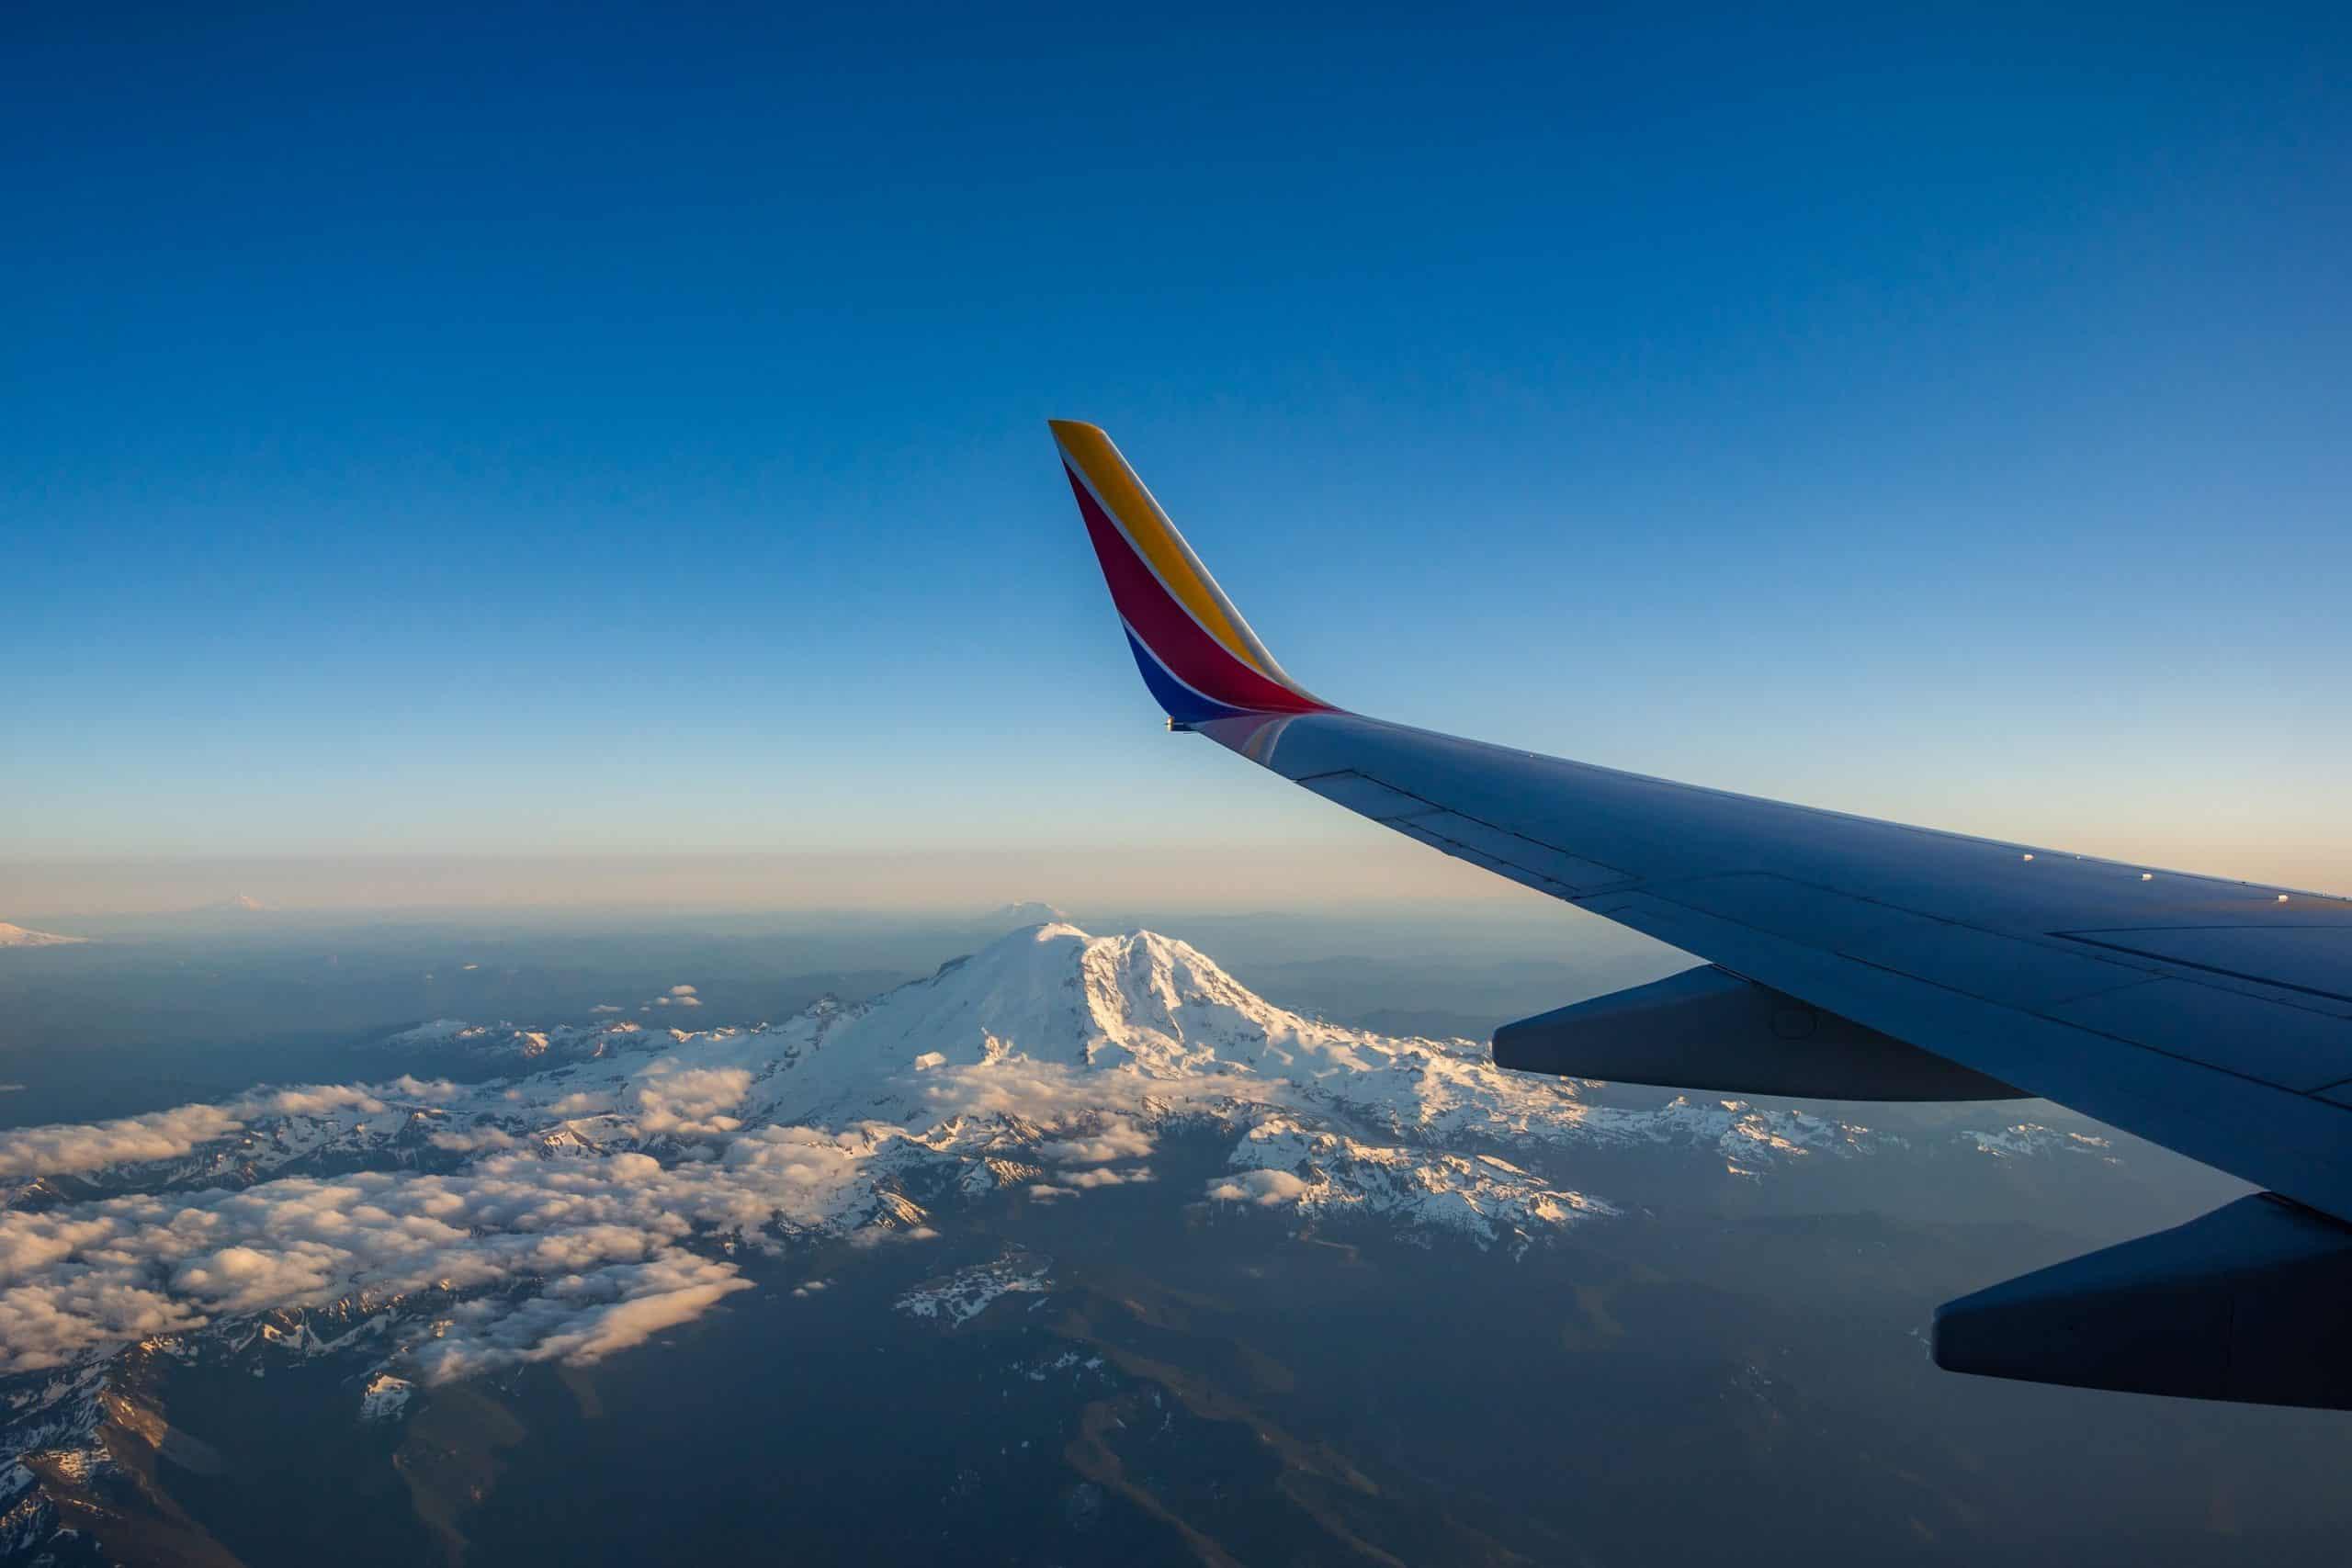 Jak przezwyciężyć lęk przed lataniem?